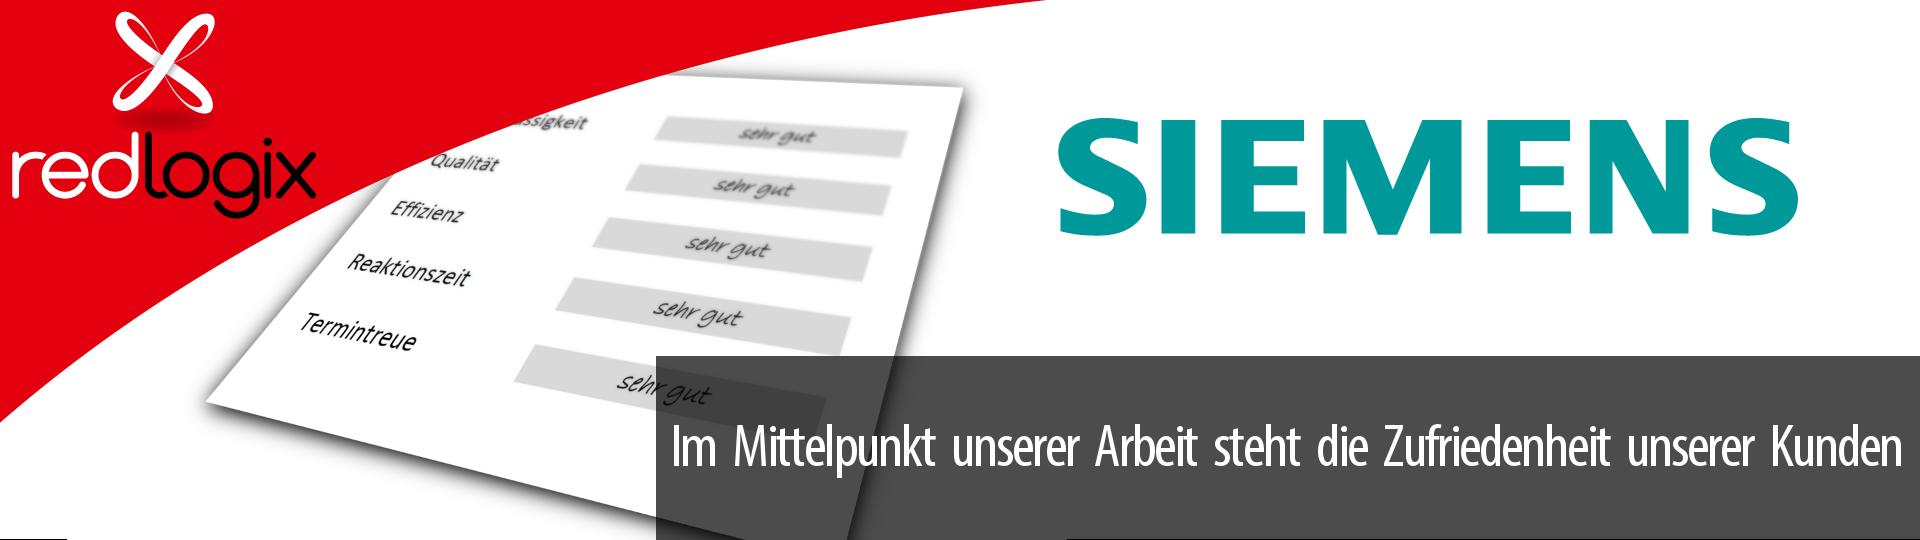 Impression Kundenzufriedenheit Siemens